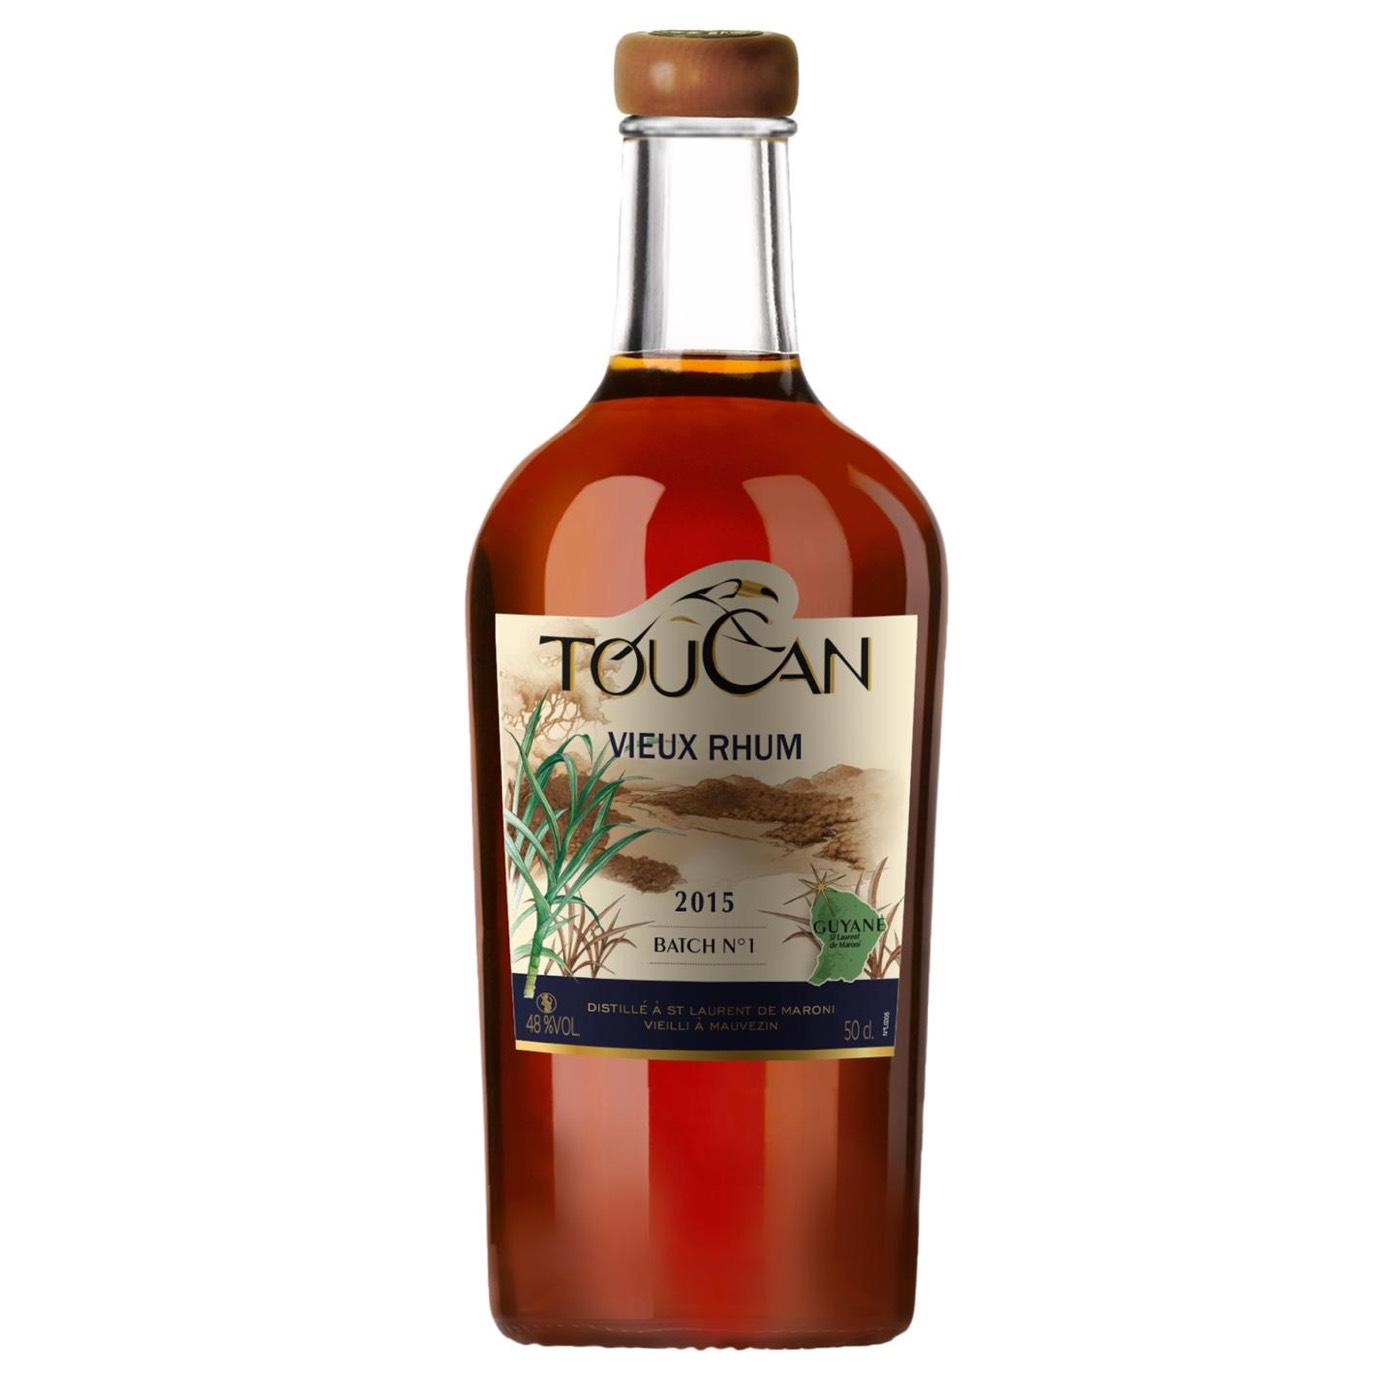 Bottle image of Vieux Rhum